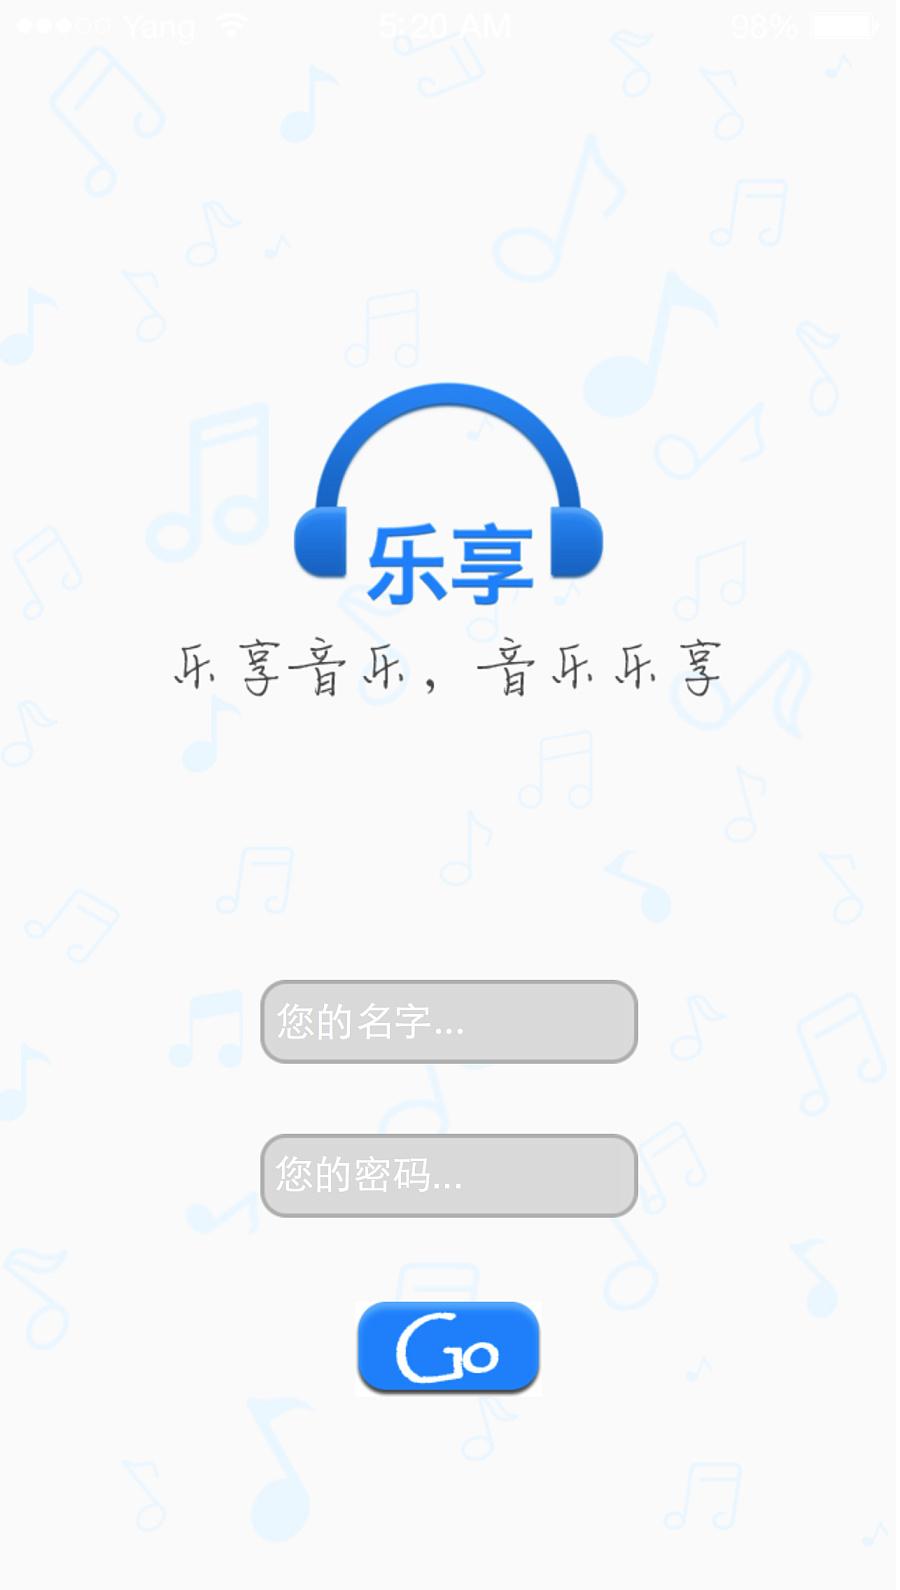 乐享音乐|app界面|ui|羊小卉 - 原创设计作品 - 站酷